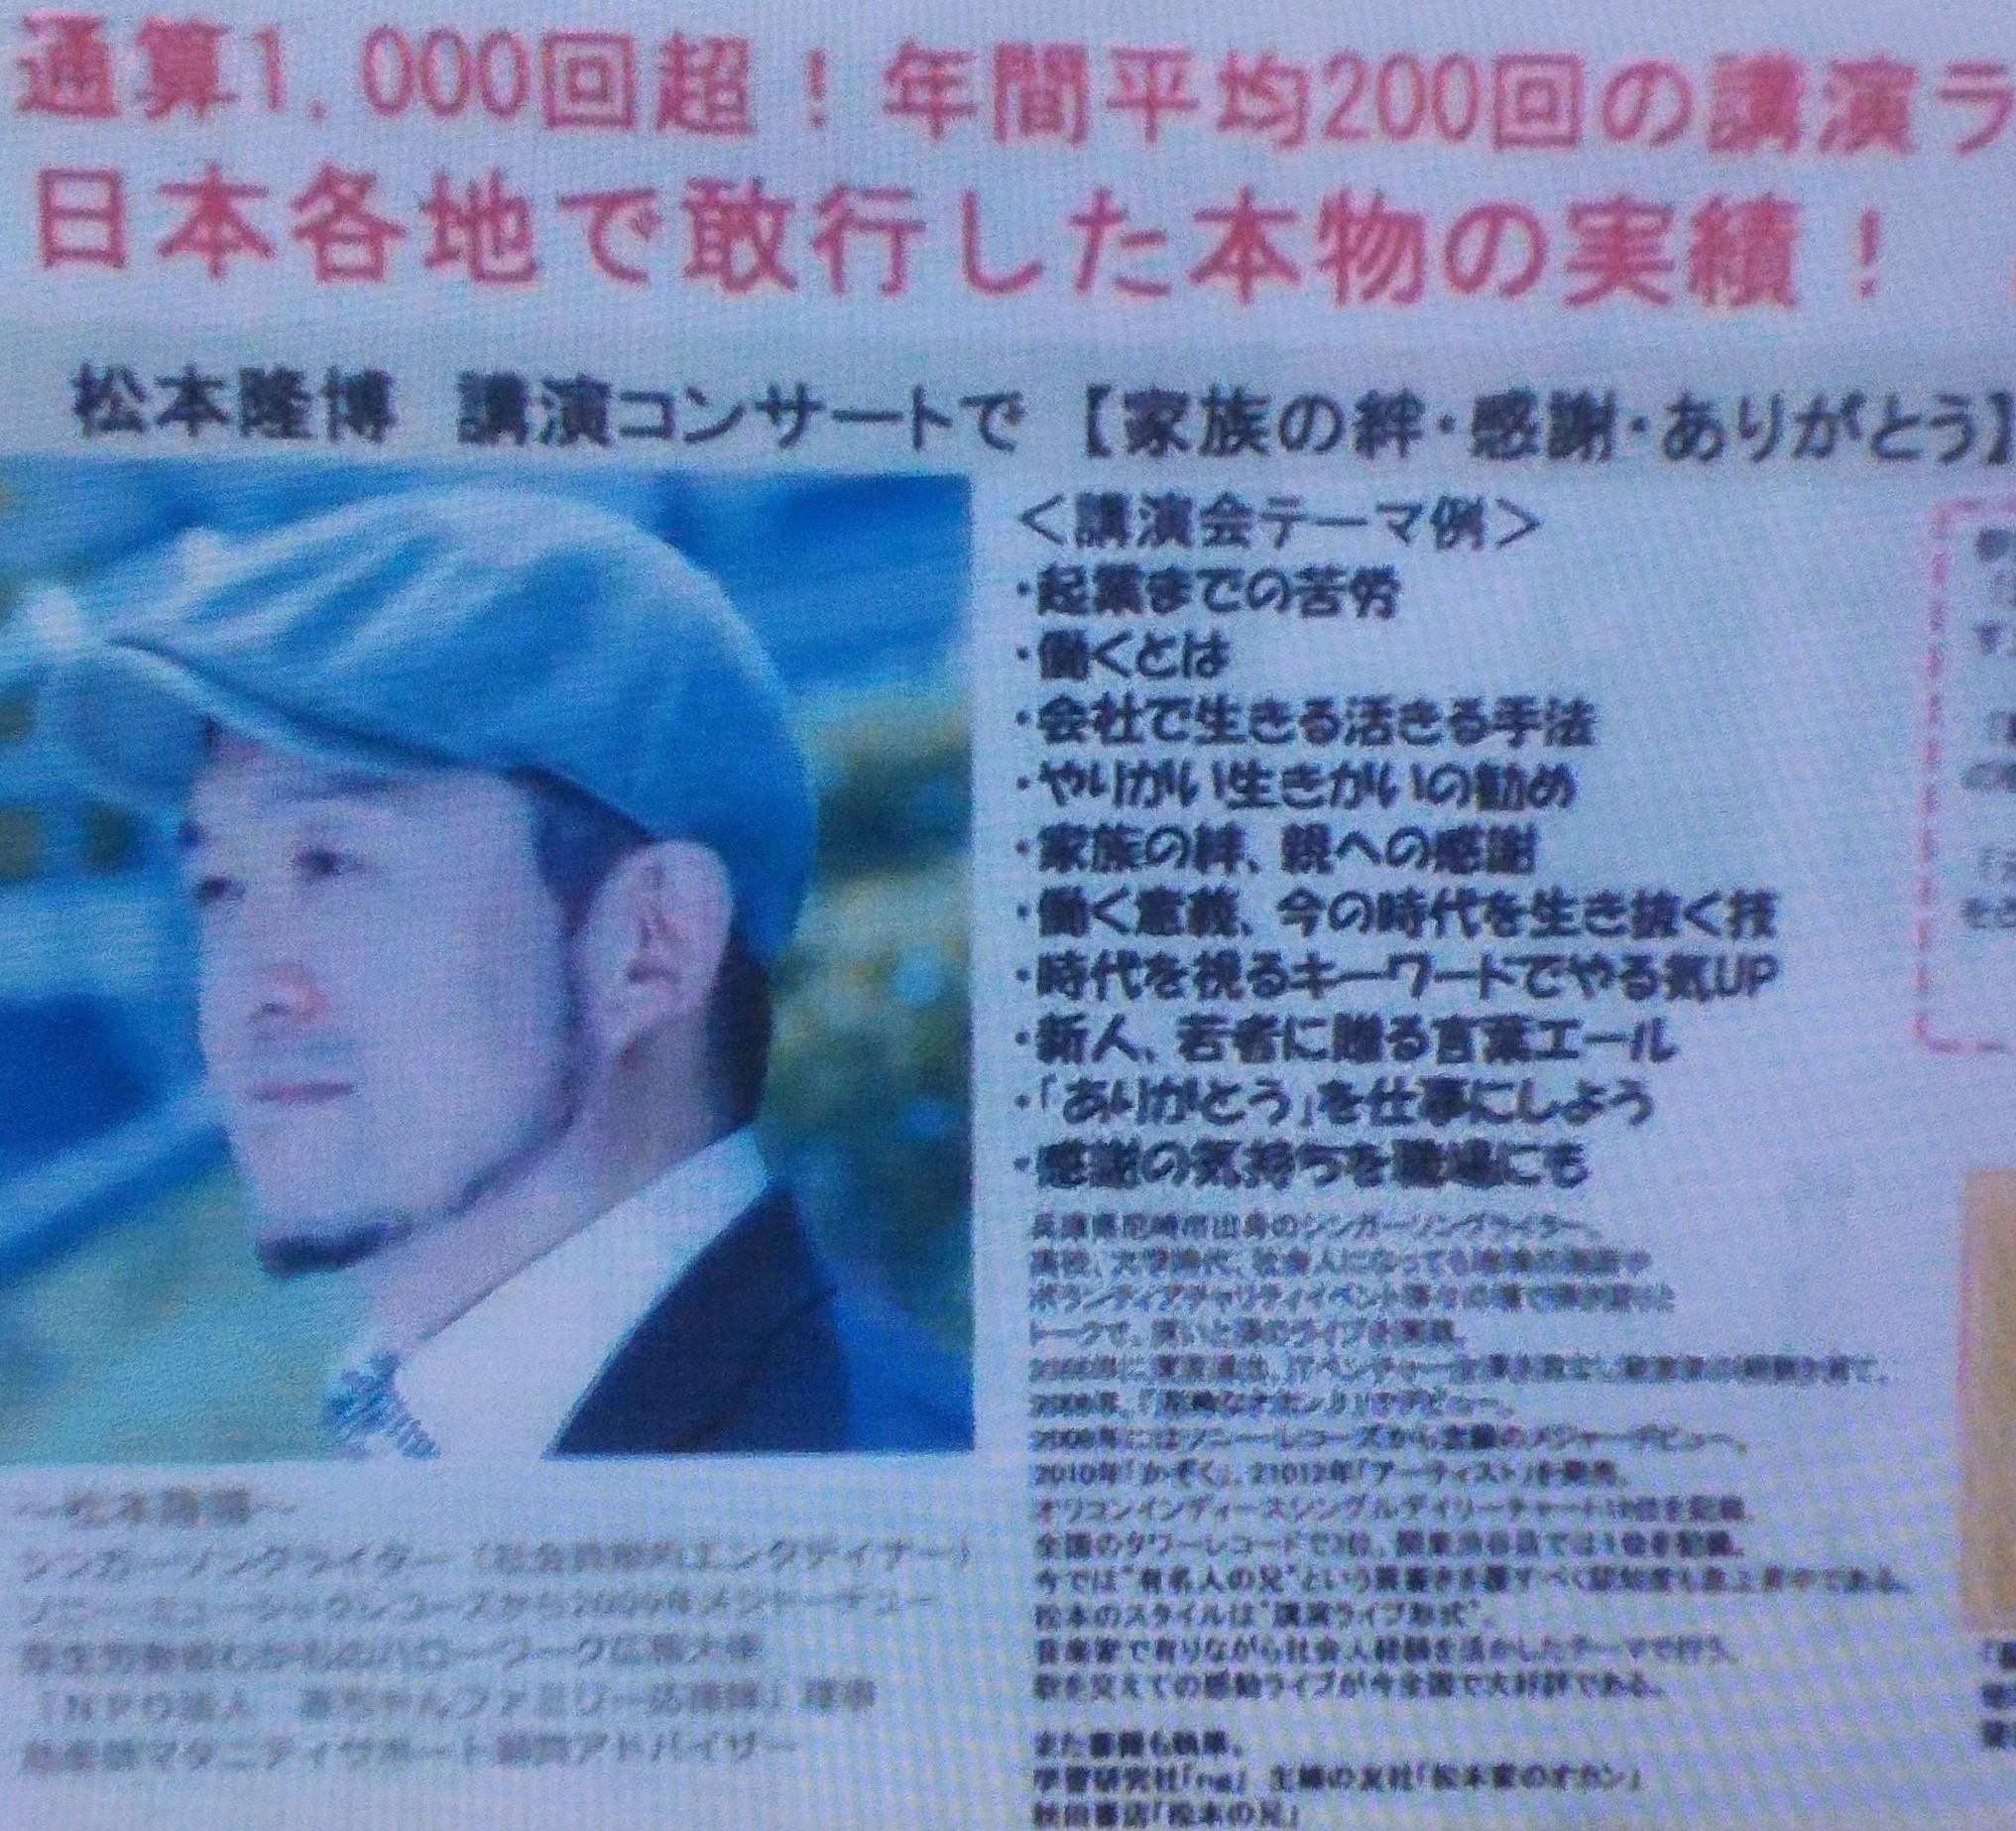 テレビ番組:TIMES VOICE:So-ne...